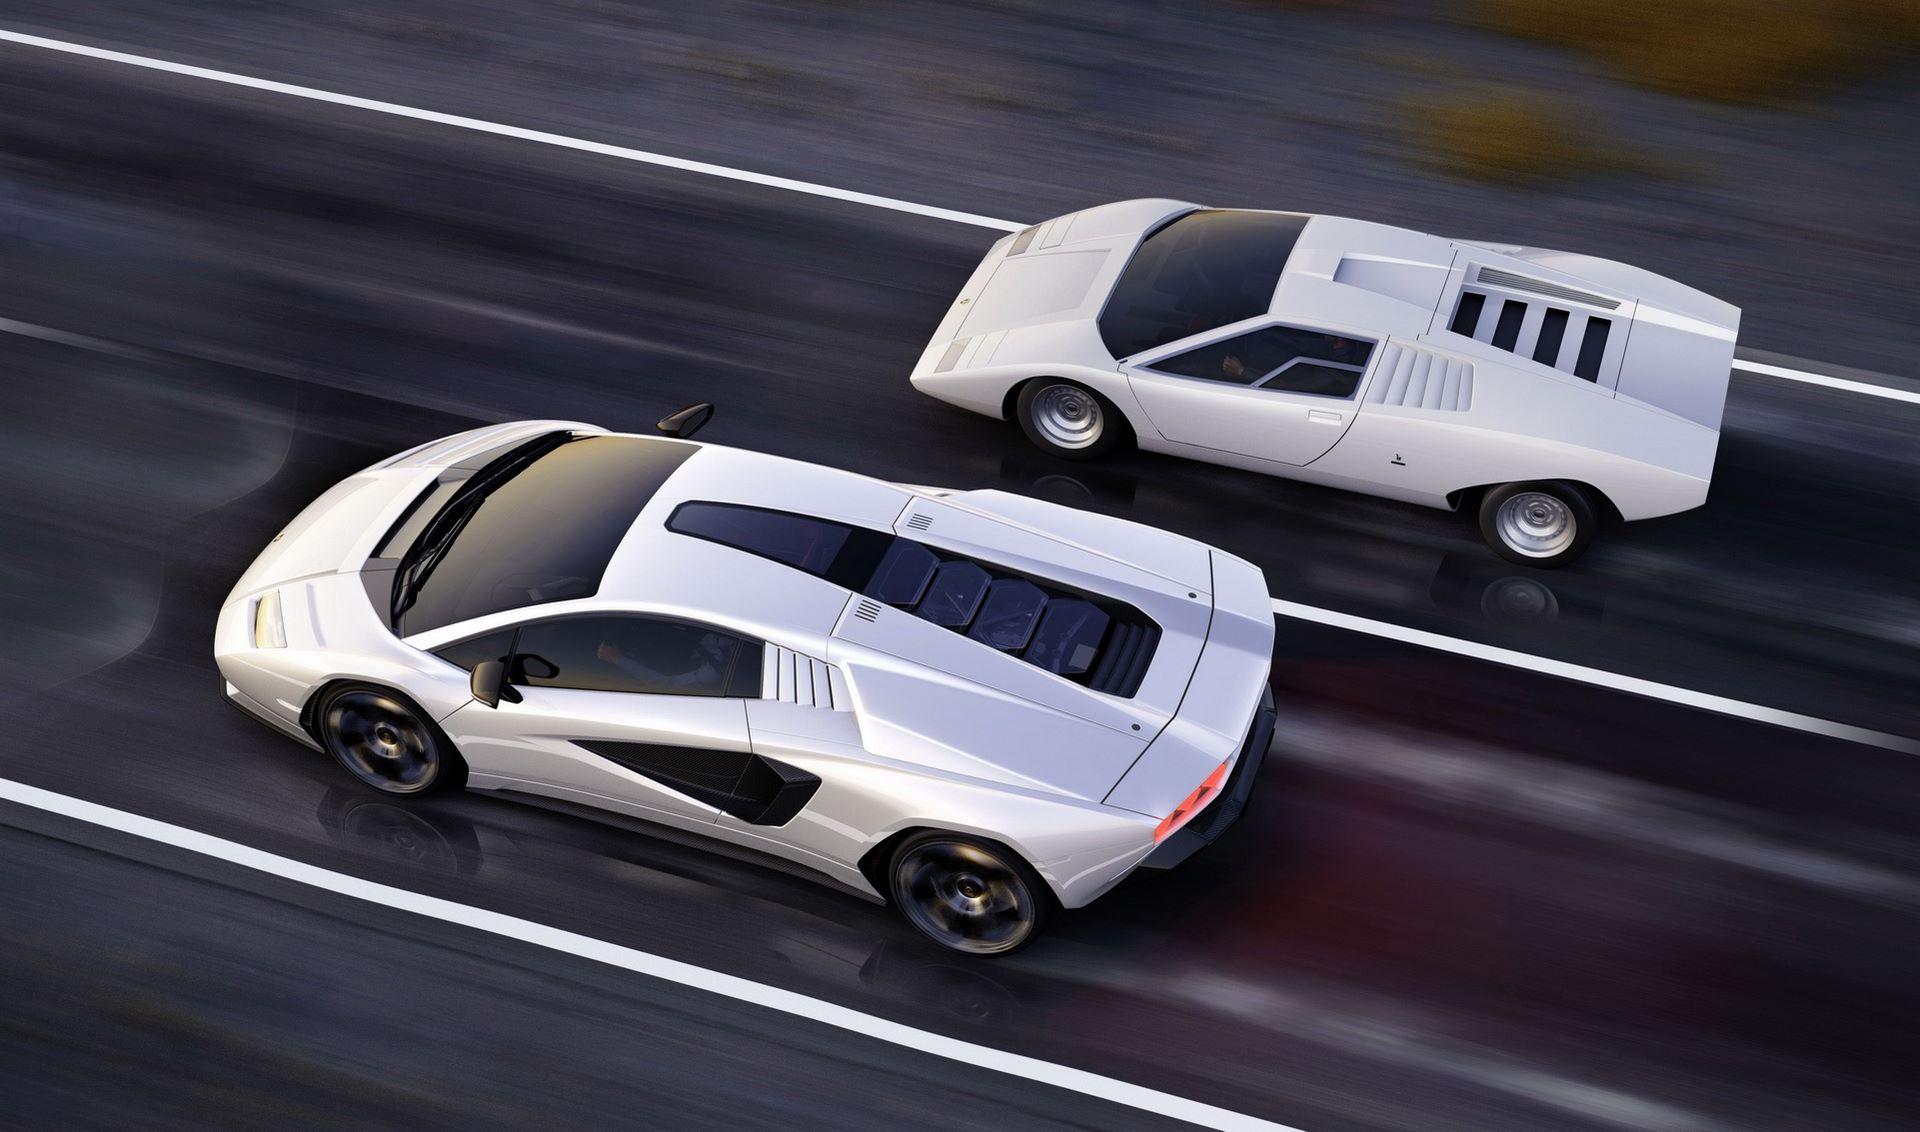 Lamborghini-Countach-LPI-800-4-33